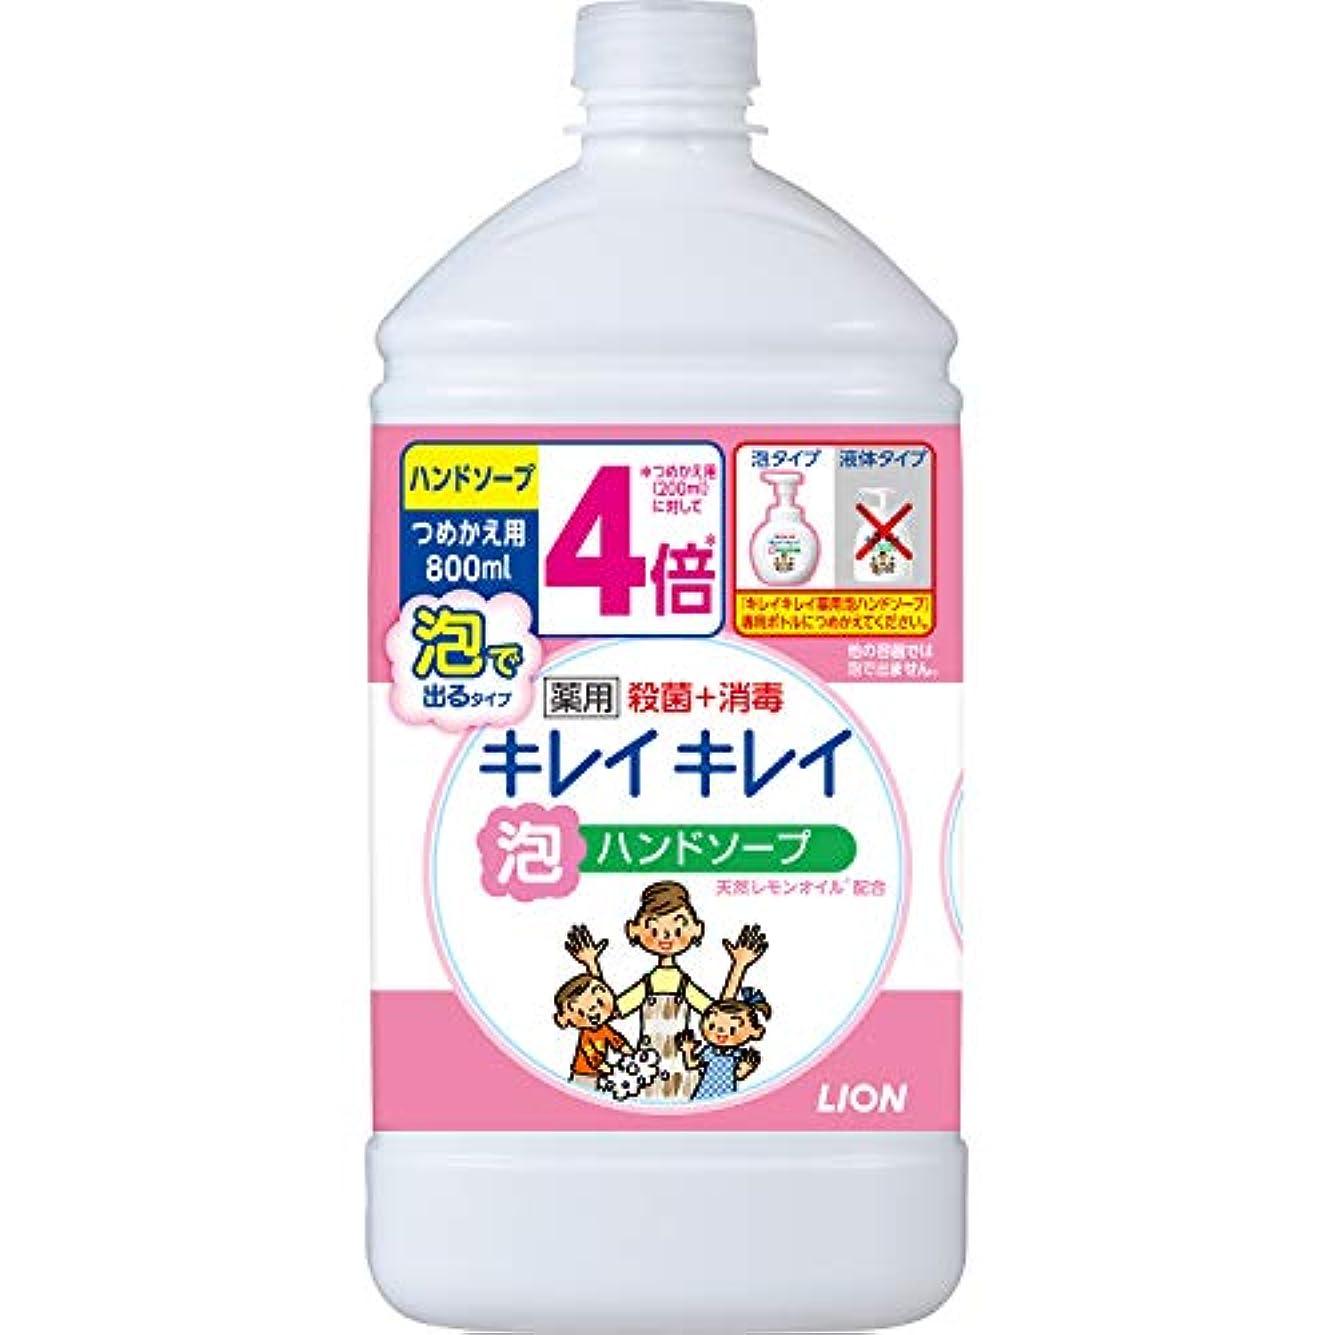 退屈動機望ましい(医薬部外品)【大容量】キレイキレイ 薬用 泡ハンドソープ シトラスフルーティの香り 詰替特大 800ml